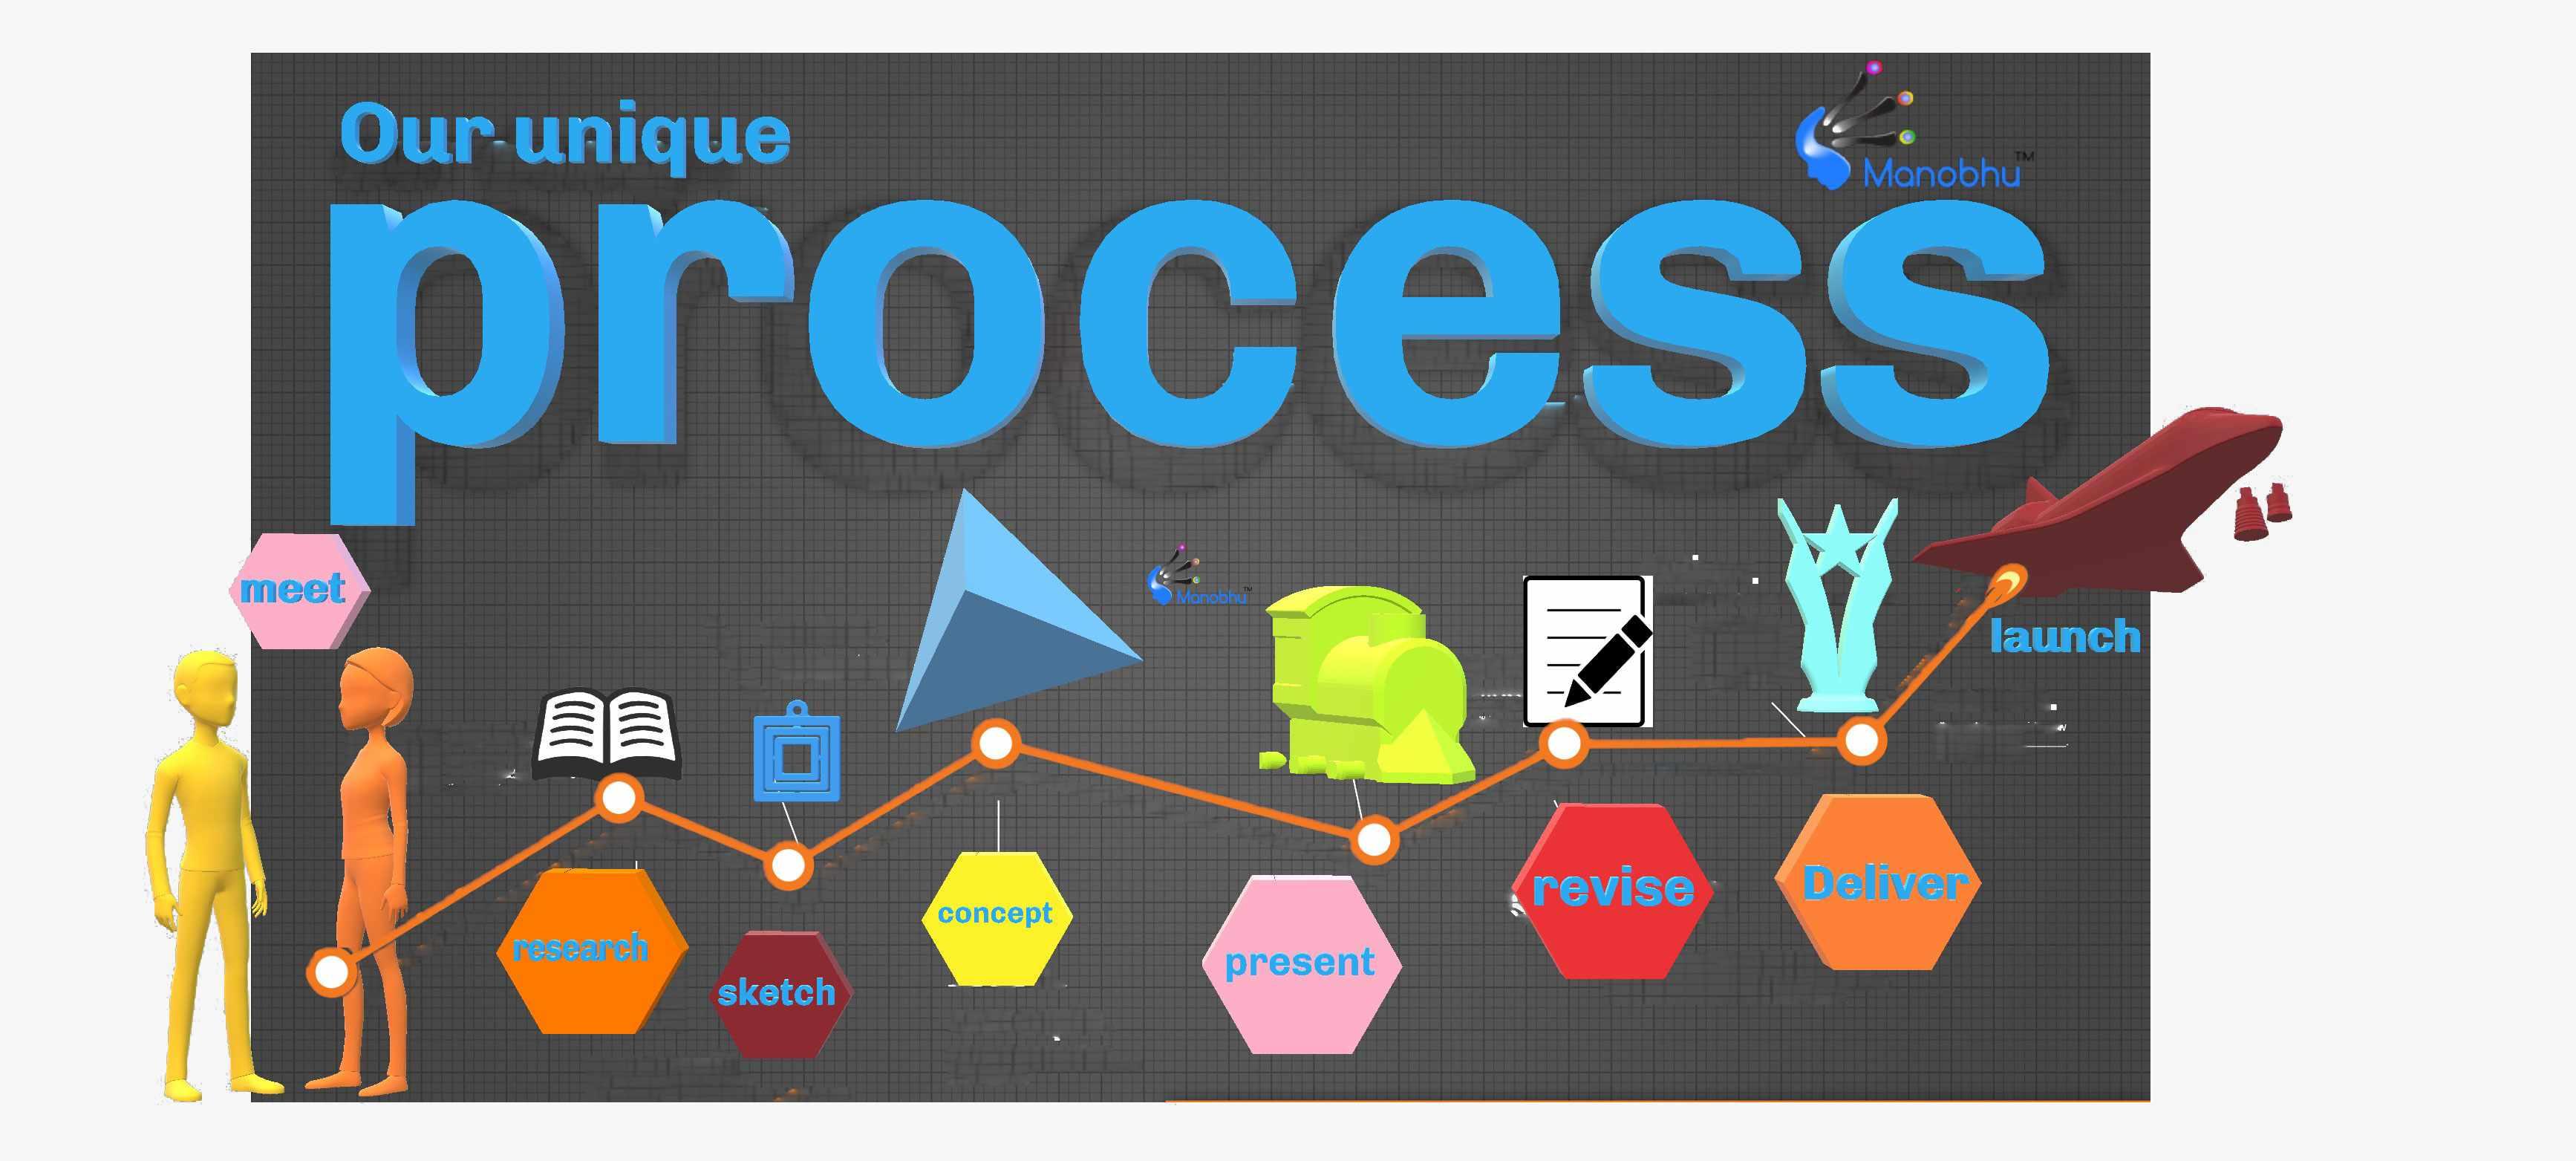 Our Unique Process